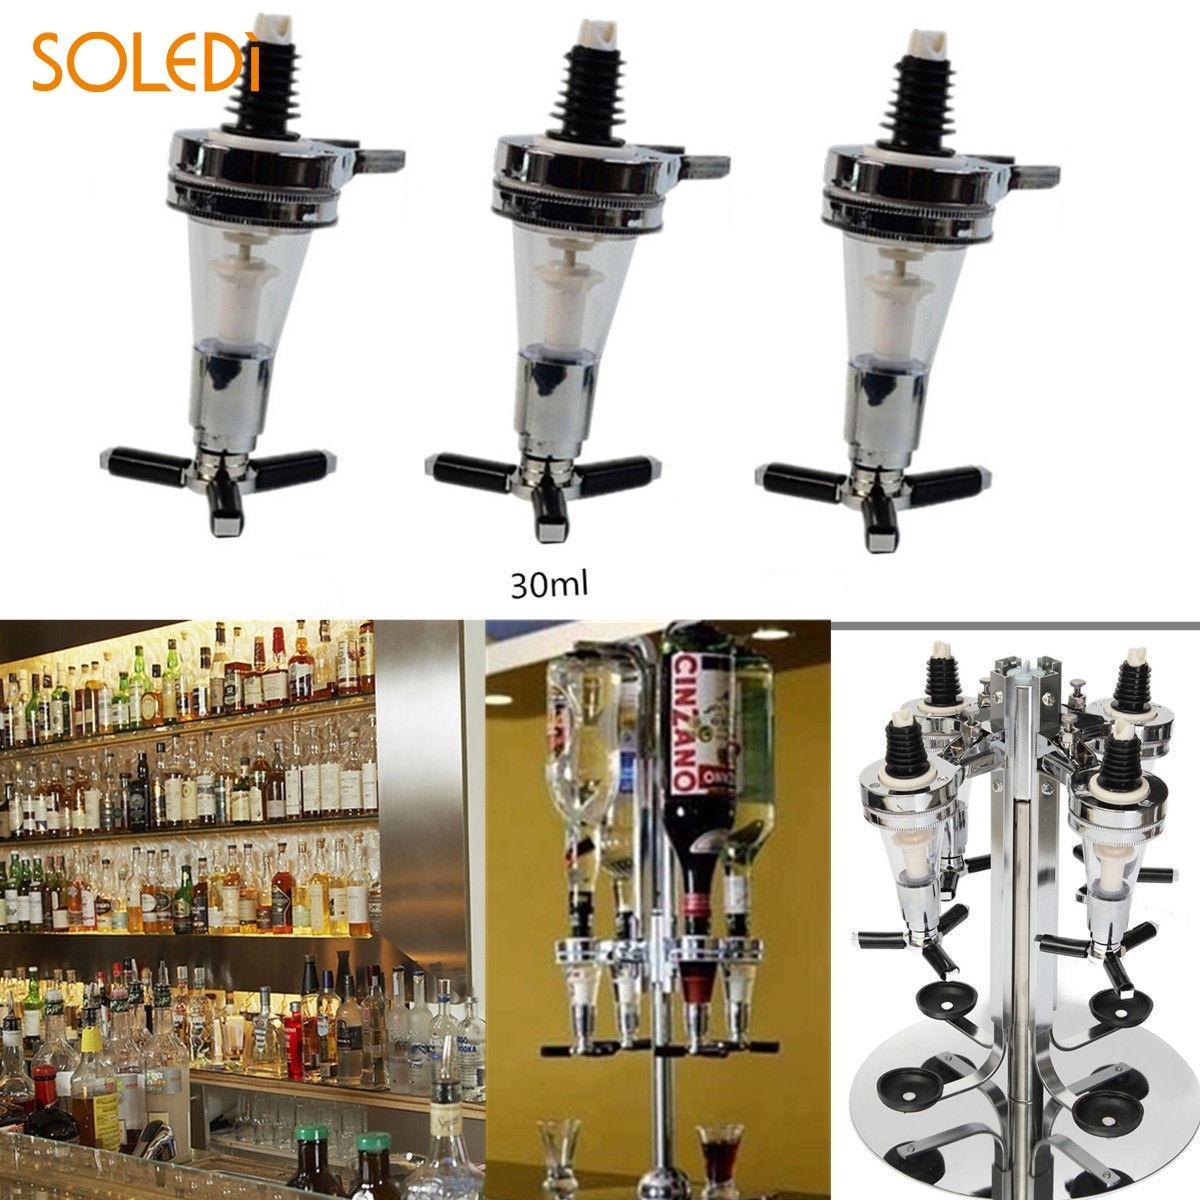 Alcohol Liquor Dispenser Bar Whisky Liquor Oil Wine Bottle Pourer Cap Spout Stopper Mouth Bartender Home Bar Party Accessories